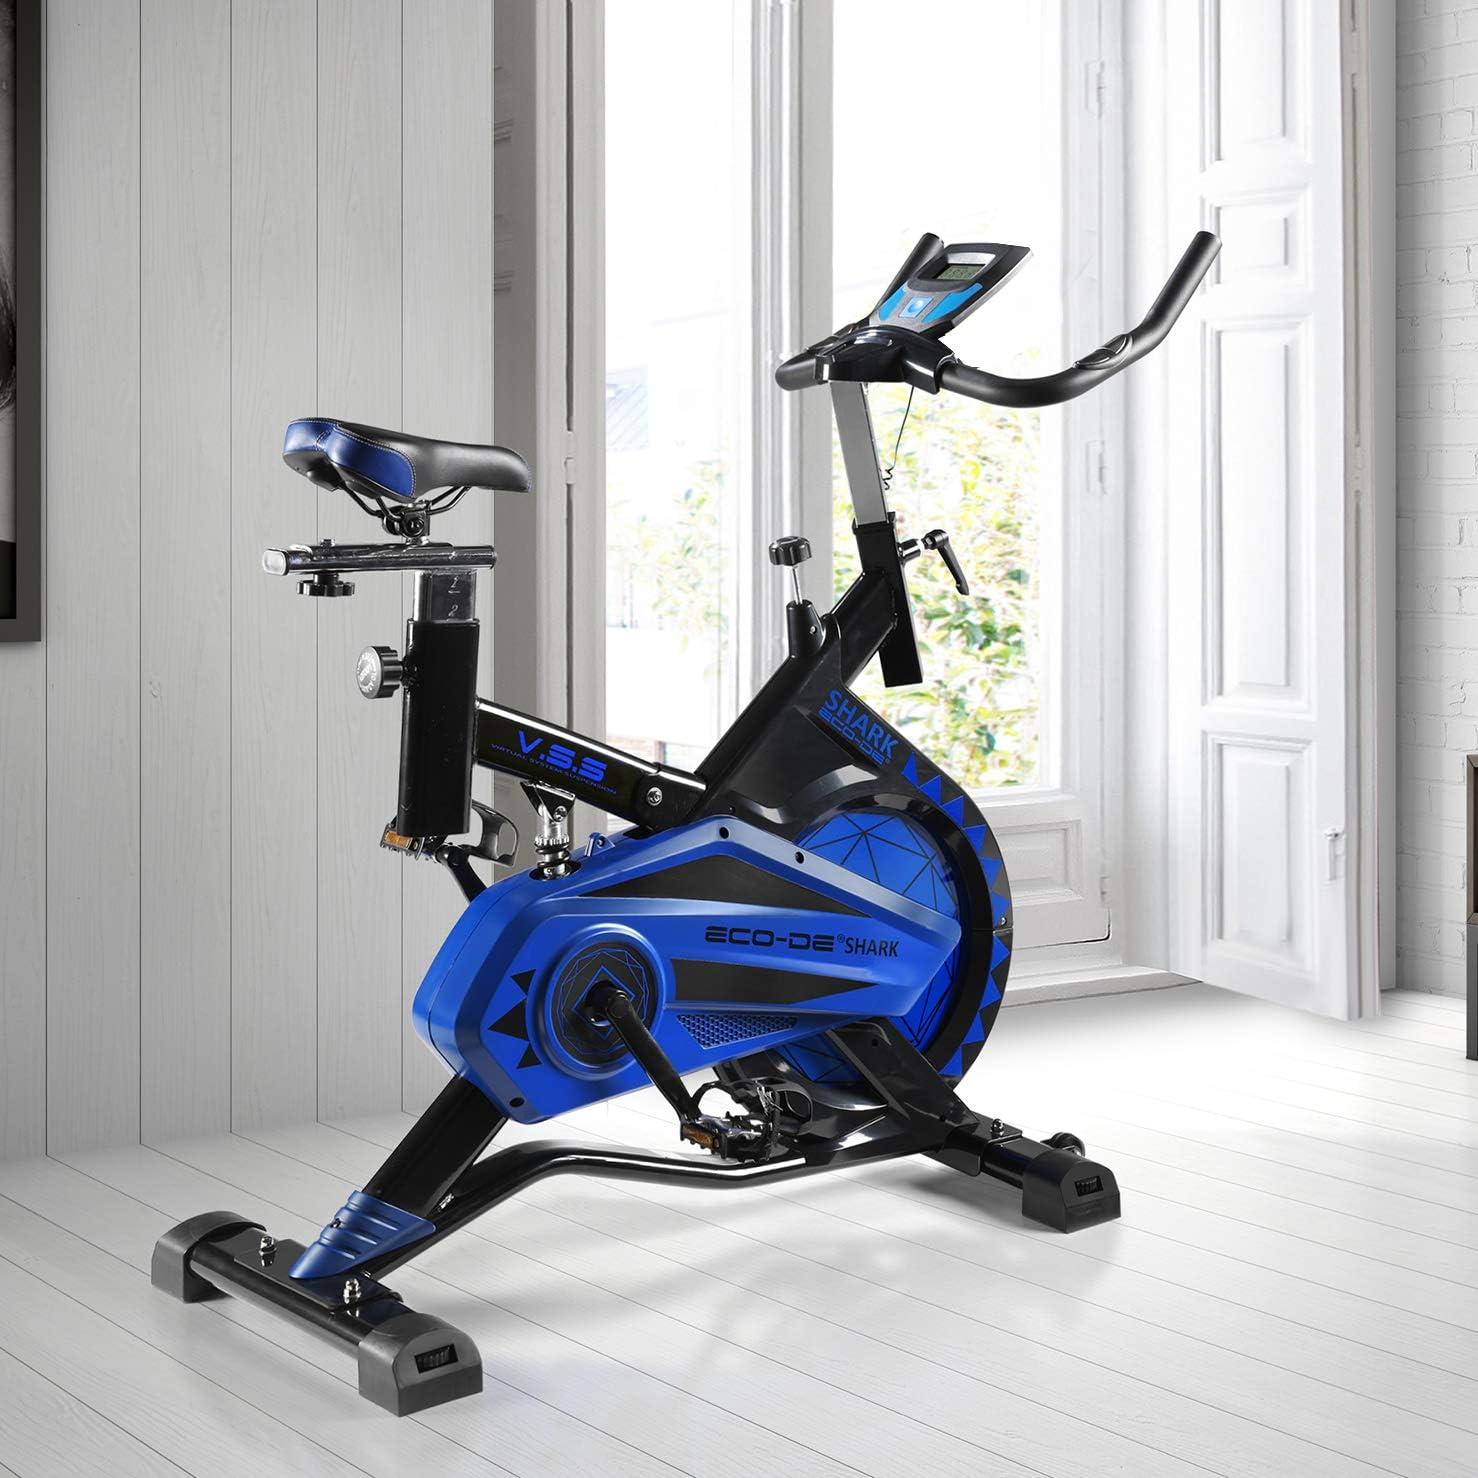 ECO-DE Bicicleta Spinning Shark. Uso semiprofesional con pulsómetro, Pantalla LCD y Resistencia Variable. Estabilizadores. Completamente Regulable.Rueda de inercia de 20kgrs: Amazon.es: Deportes y aire libre